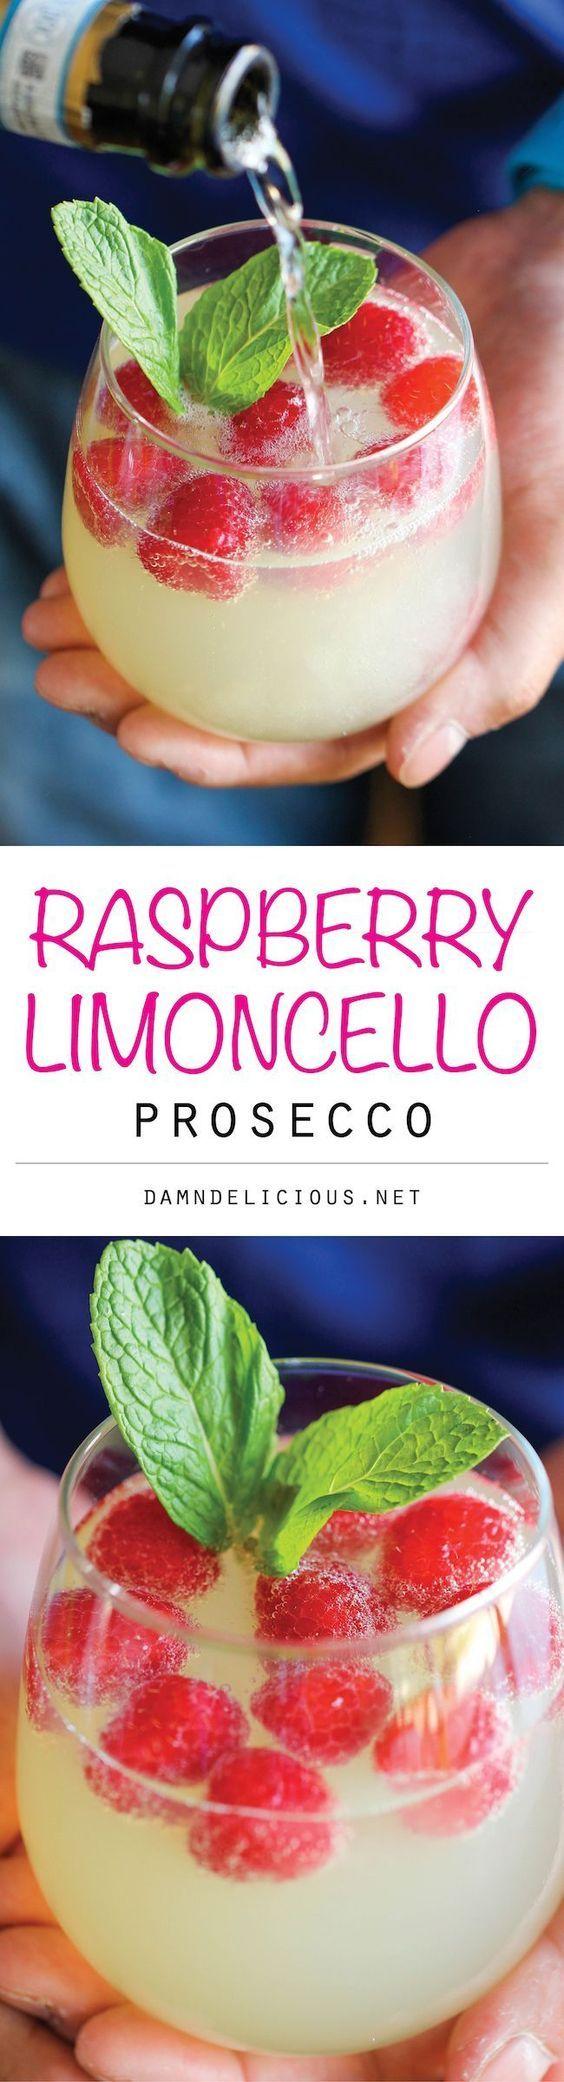 Raspberry Limoncello Prosecco #boissonsfraîches